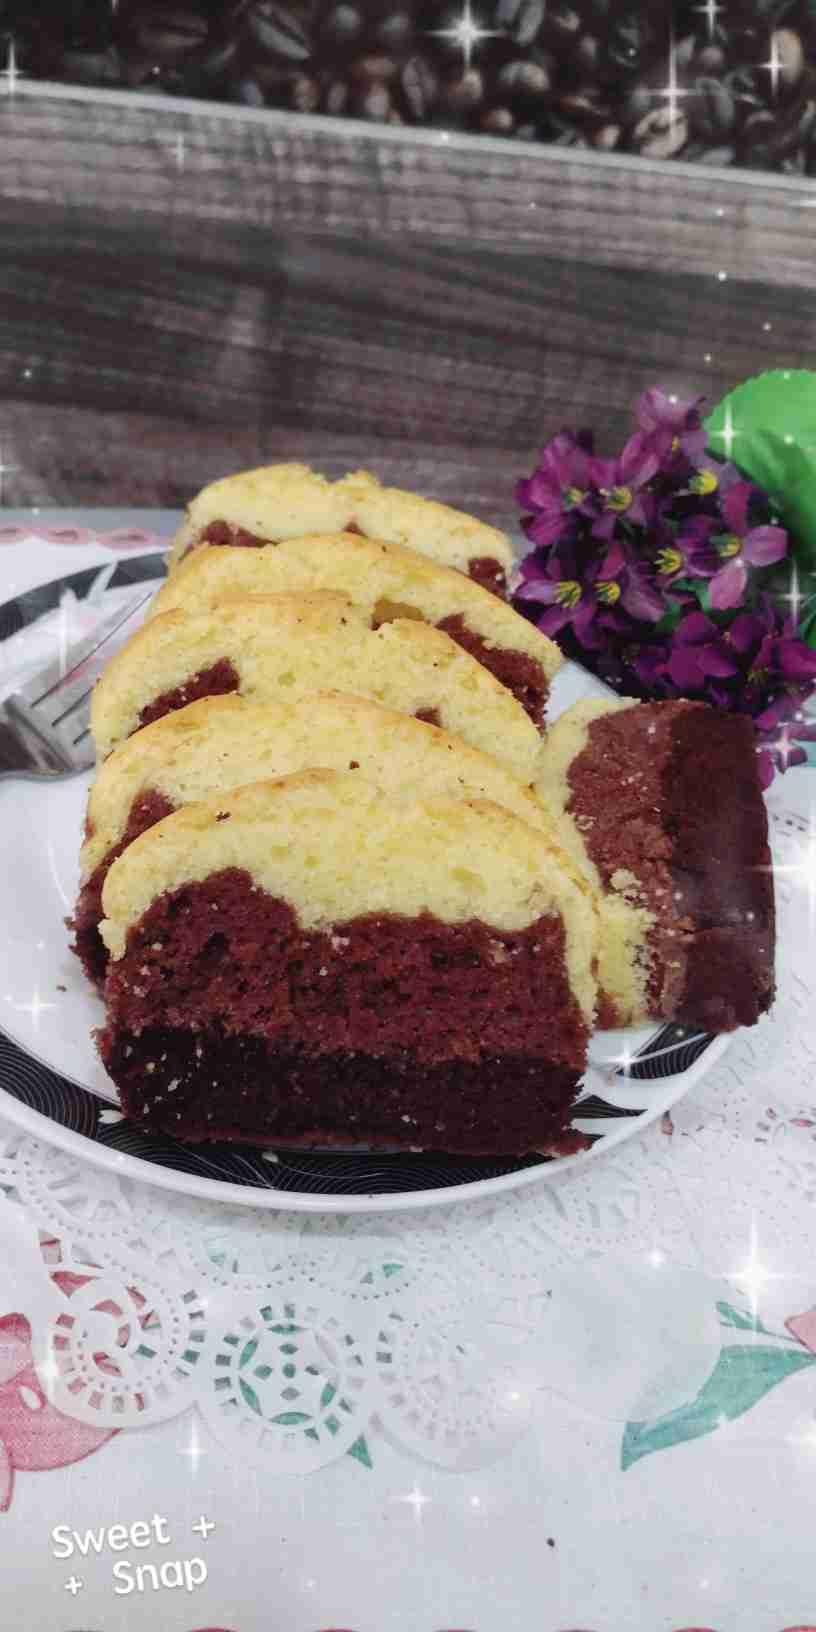 كيك الزبدة بنكهة الفانيلا بثلاث الوان زاكي Recipe Food Desserts Brownie